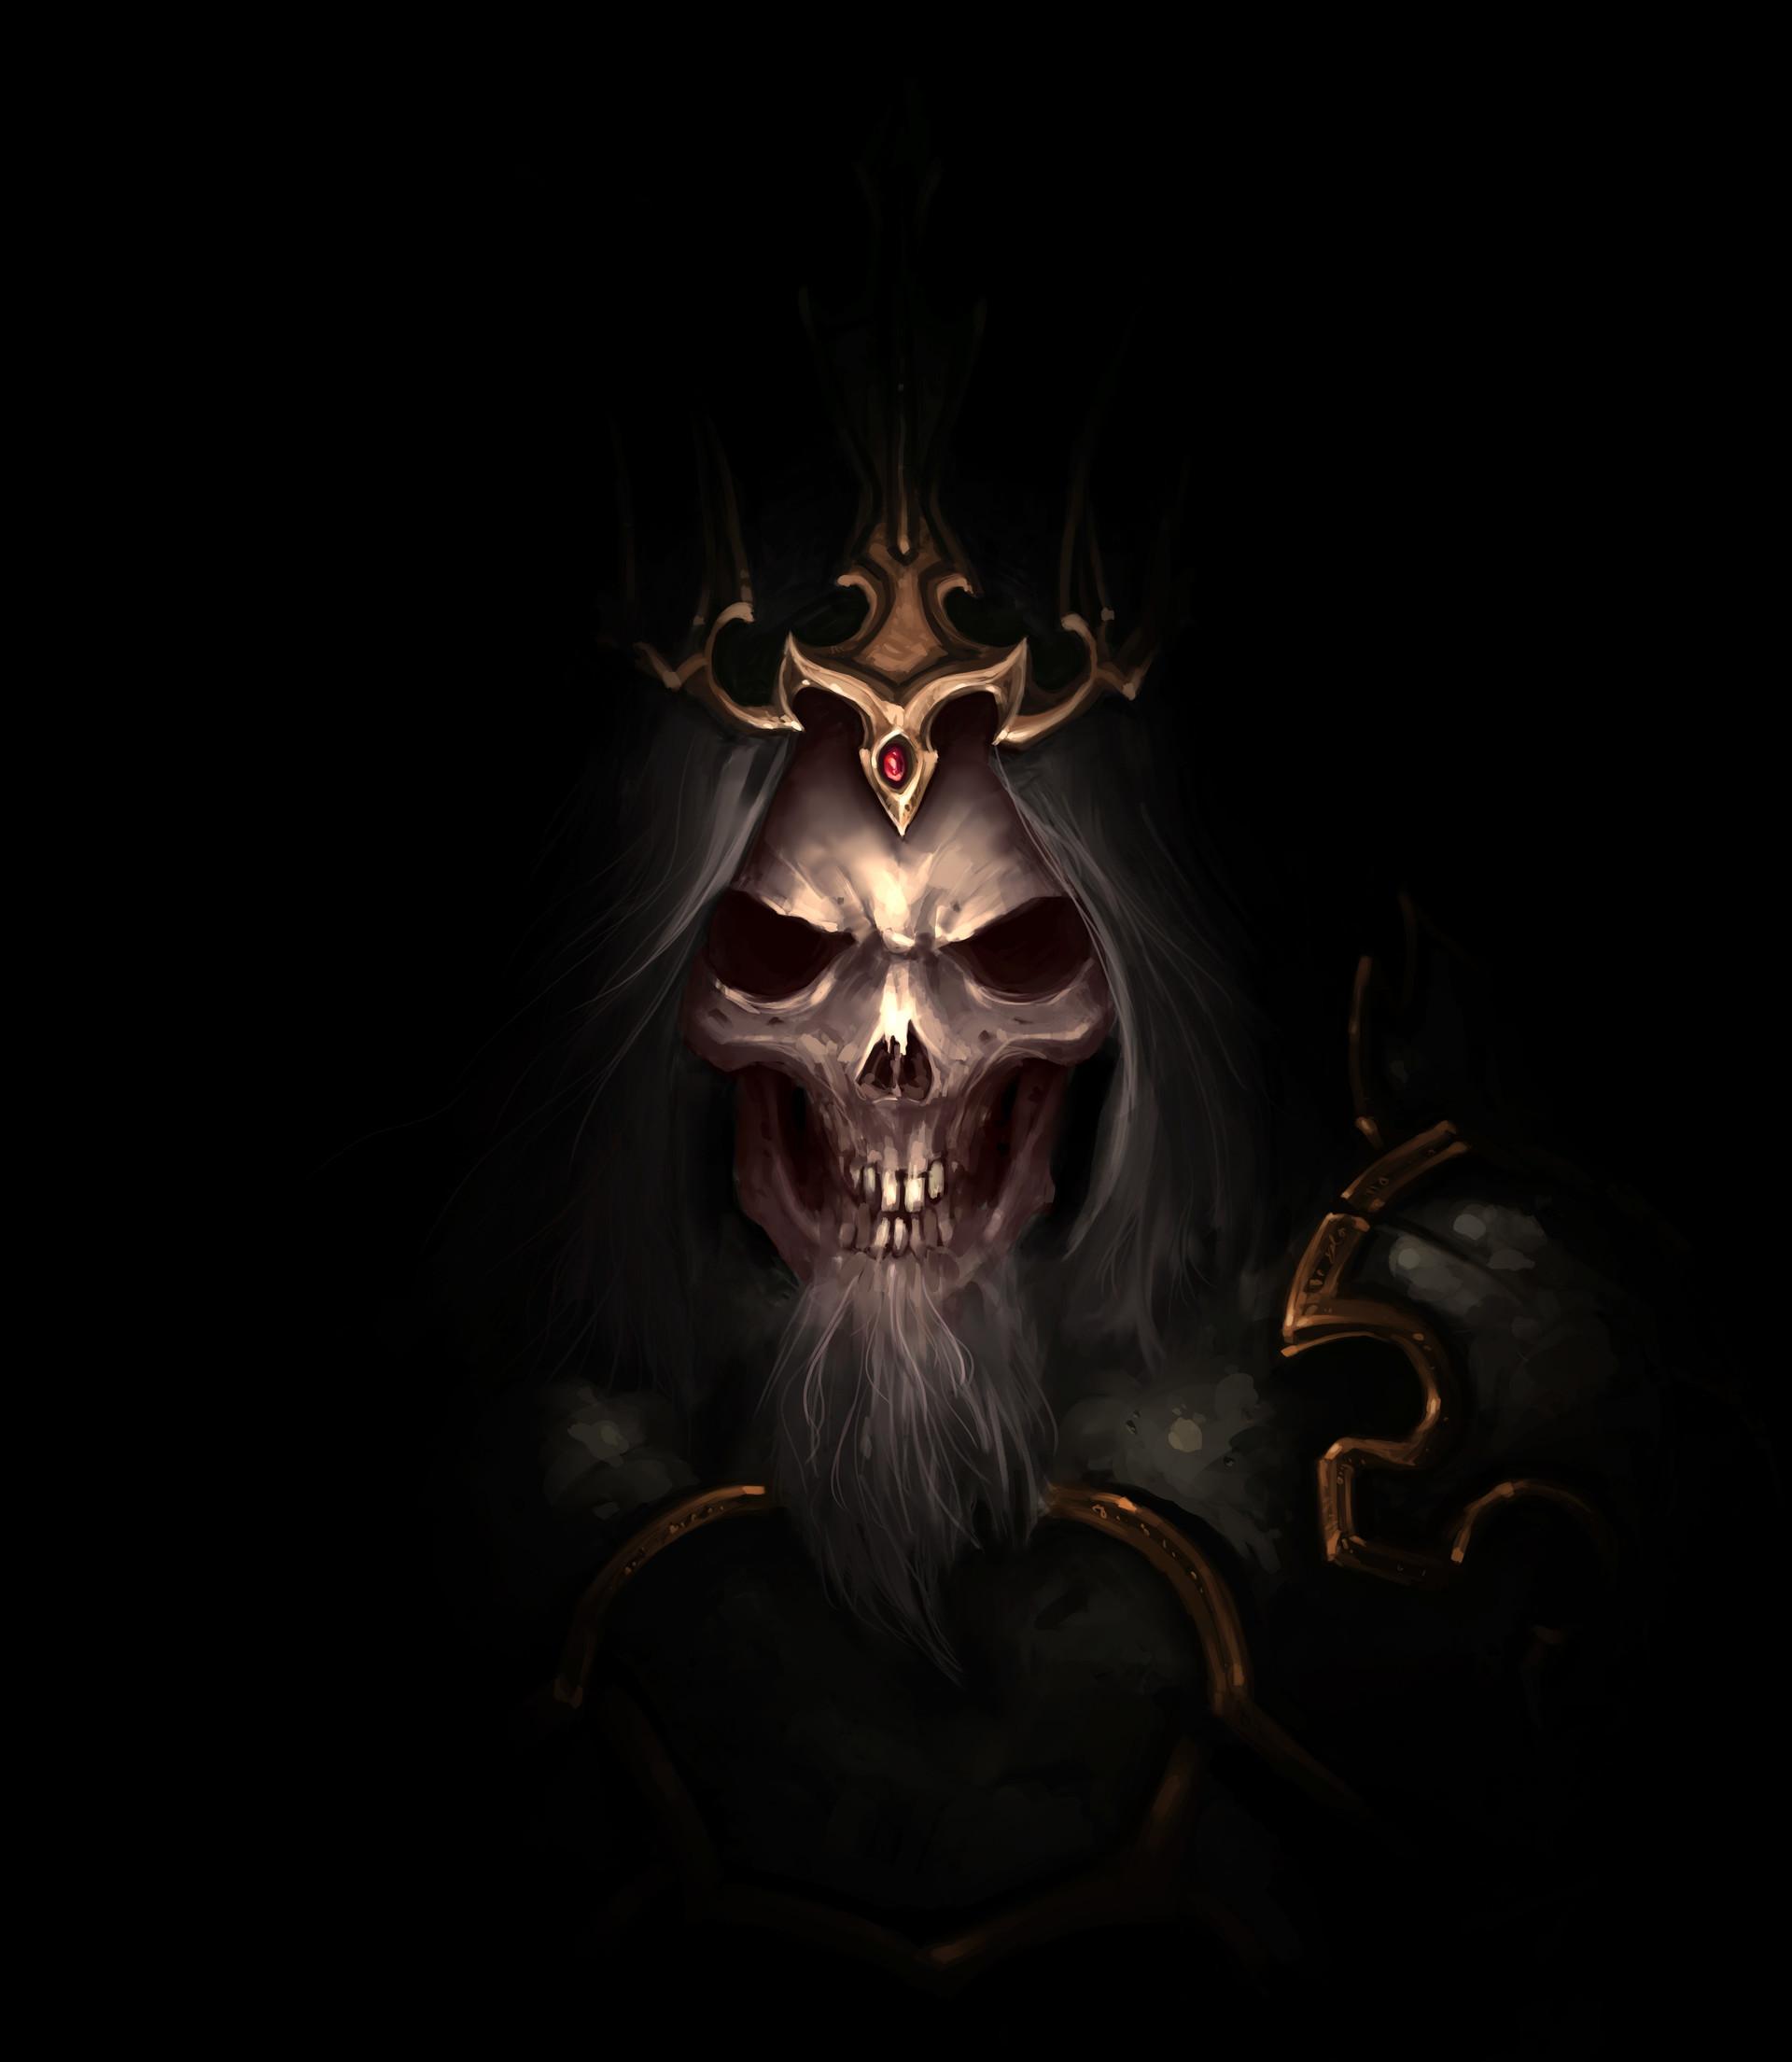 Etienne beschet leoric the skeleton king